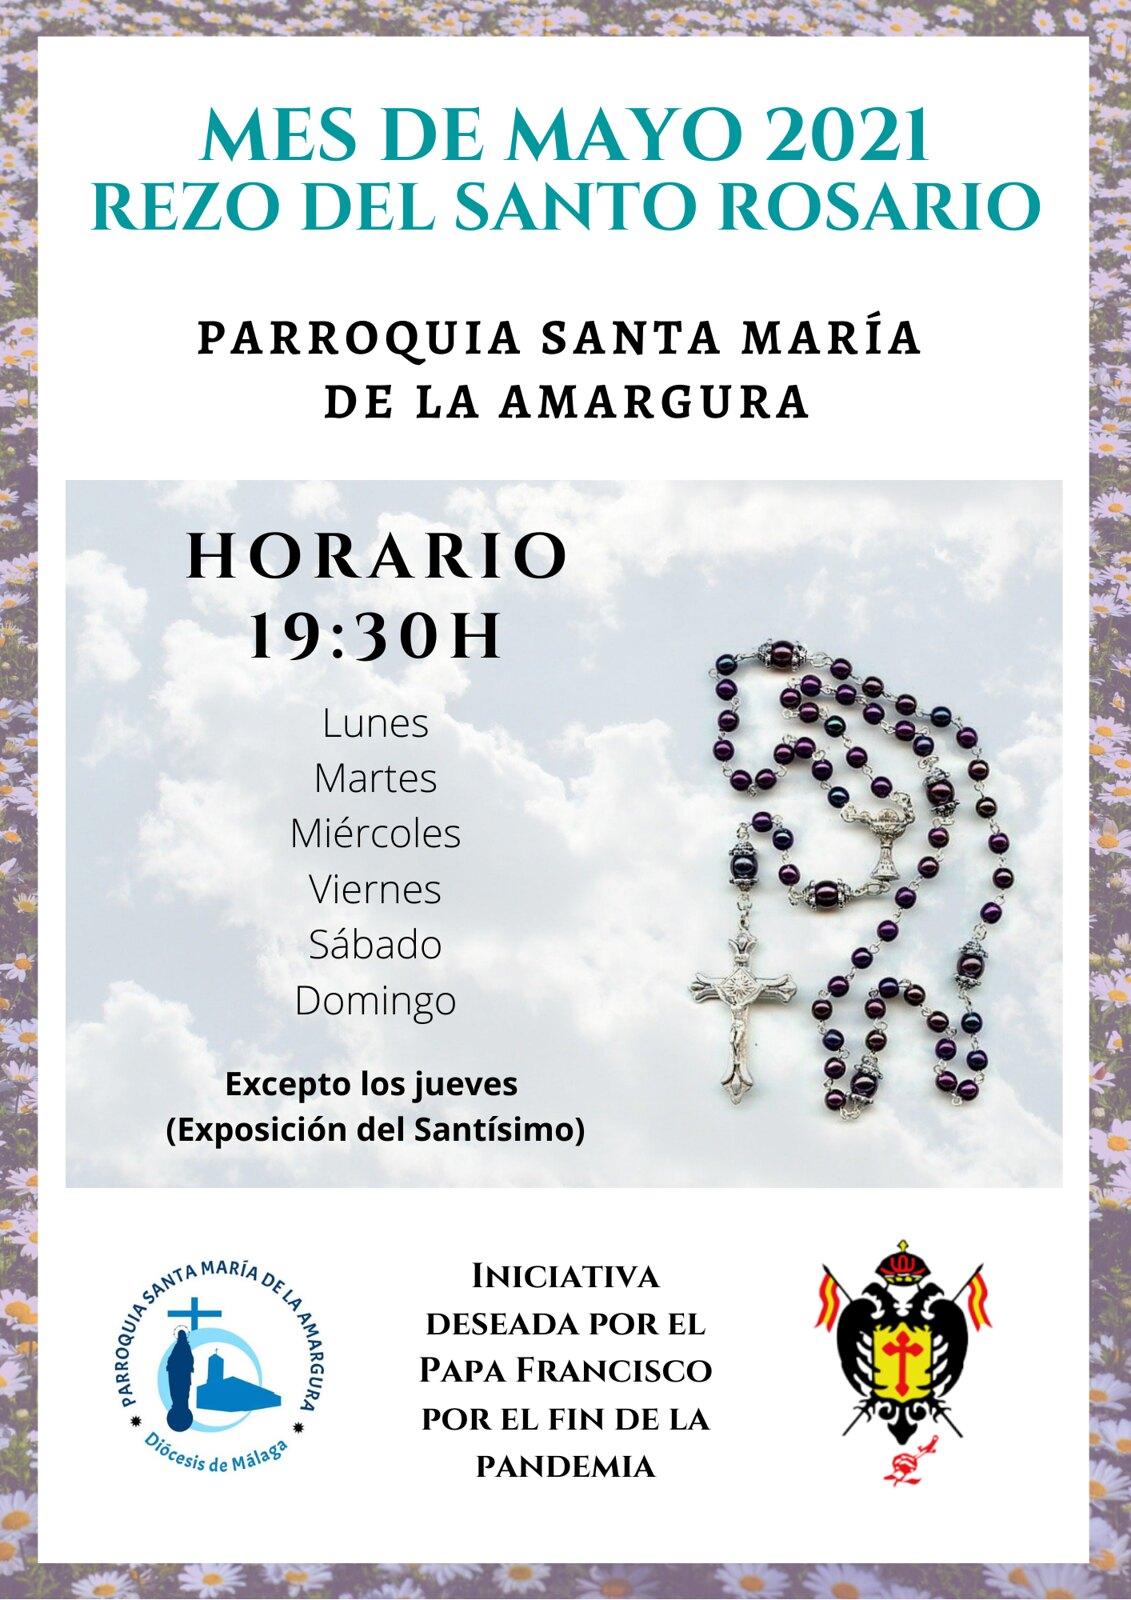 Rezo del Santo Rosario mes de mayo 2021